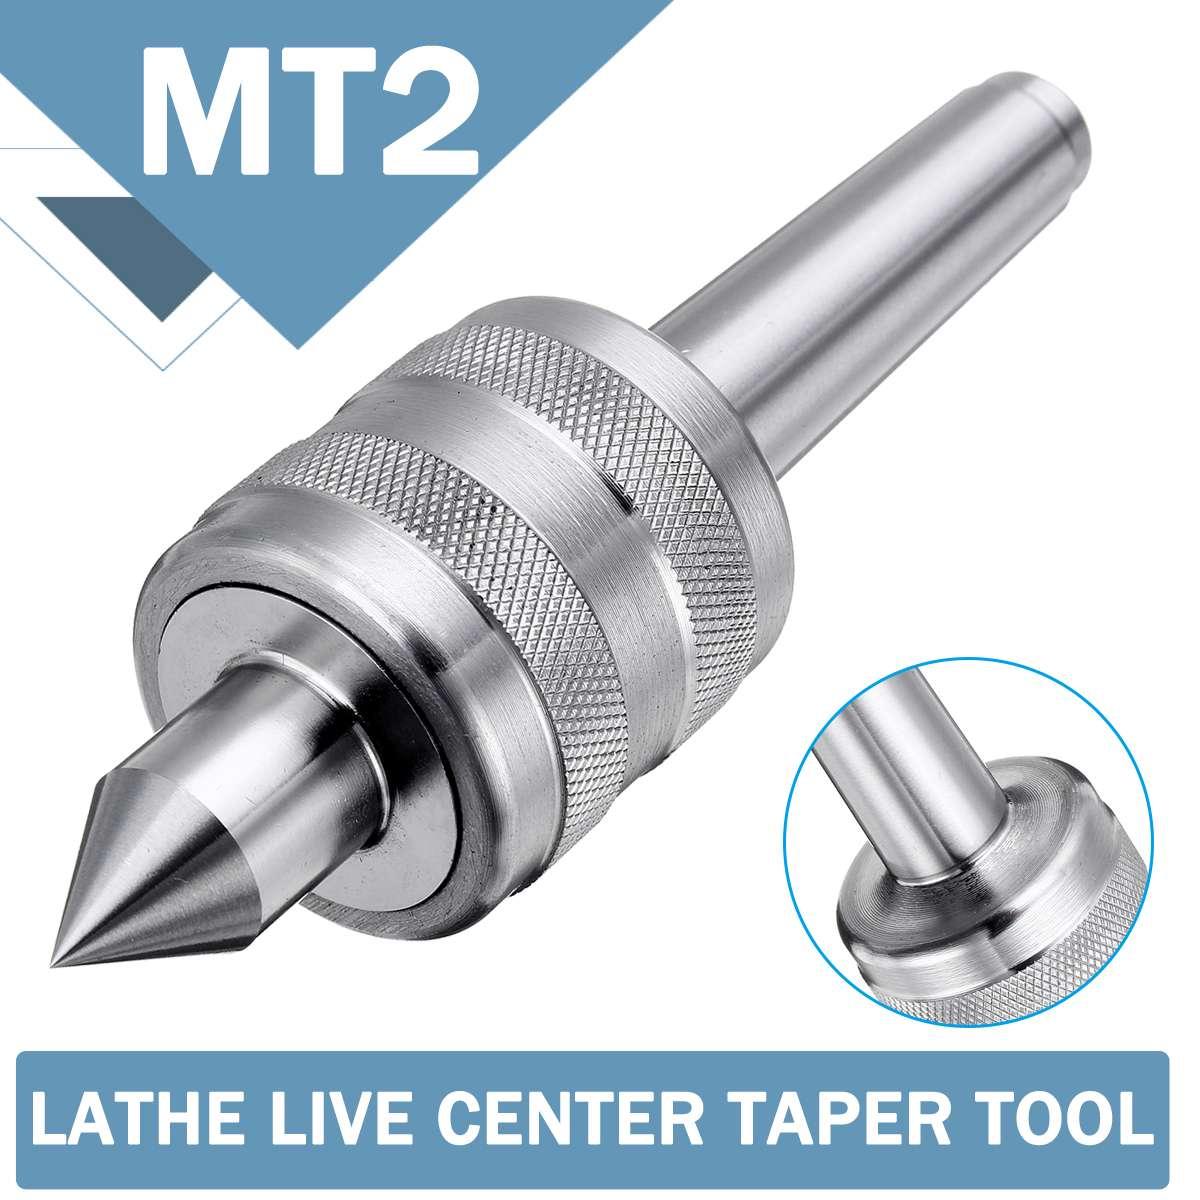 새로운 정확도 스틸 실버 mt2 0.001 선반 라이브 센터 테이퍼 도구 라이브 회전 밀링 센터 테이퍼 기계 액세서리